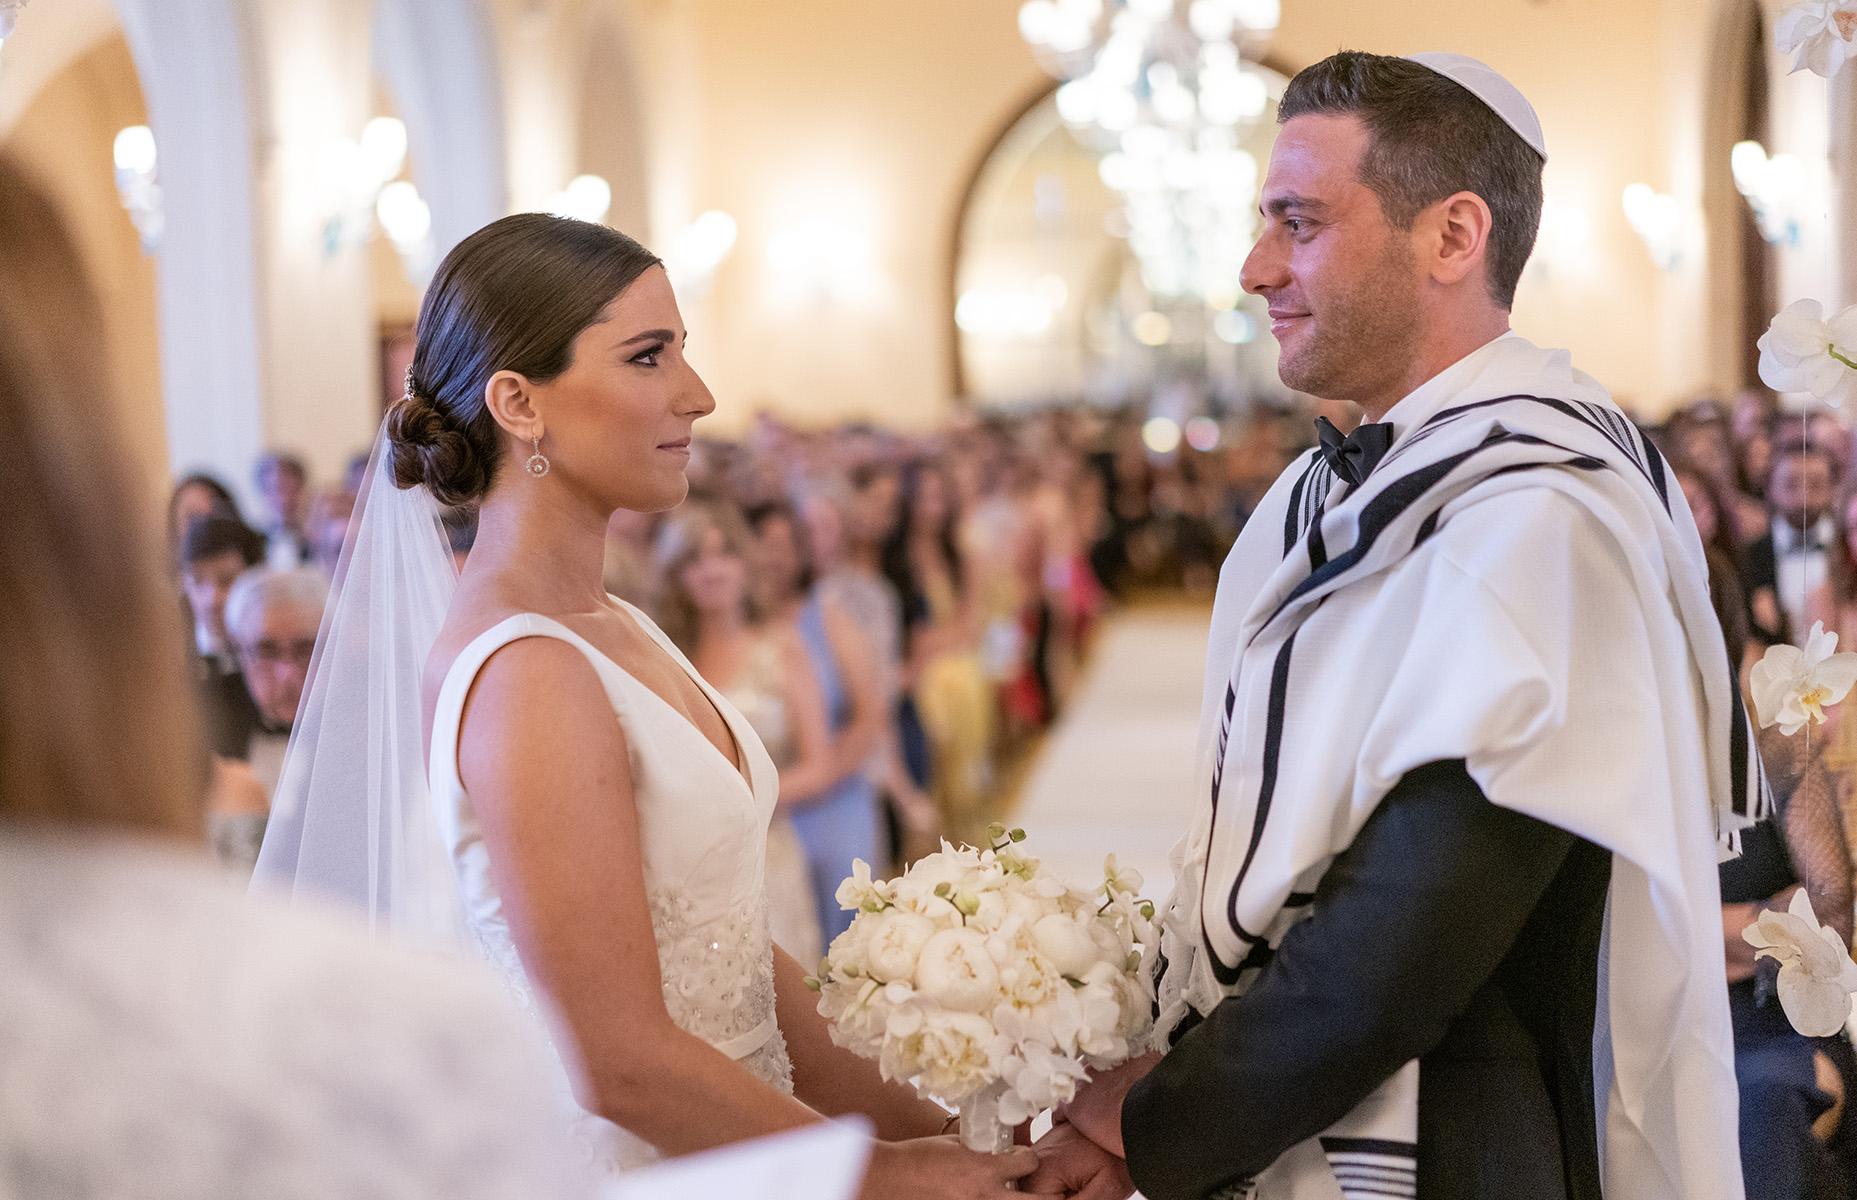 Patricia Garcia y Ofer Harduf se casaron por el rito judío en el Hotel Condado Vanderbilt. Foto Wilo Rosado.